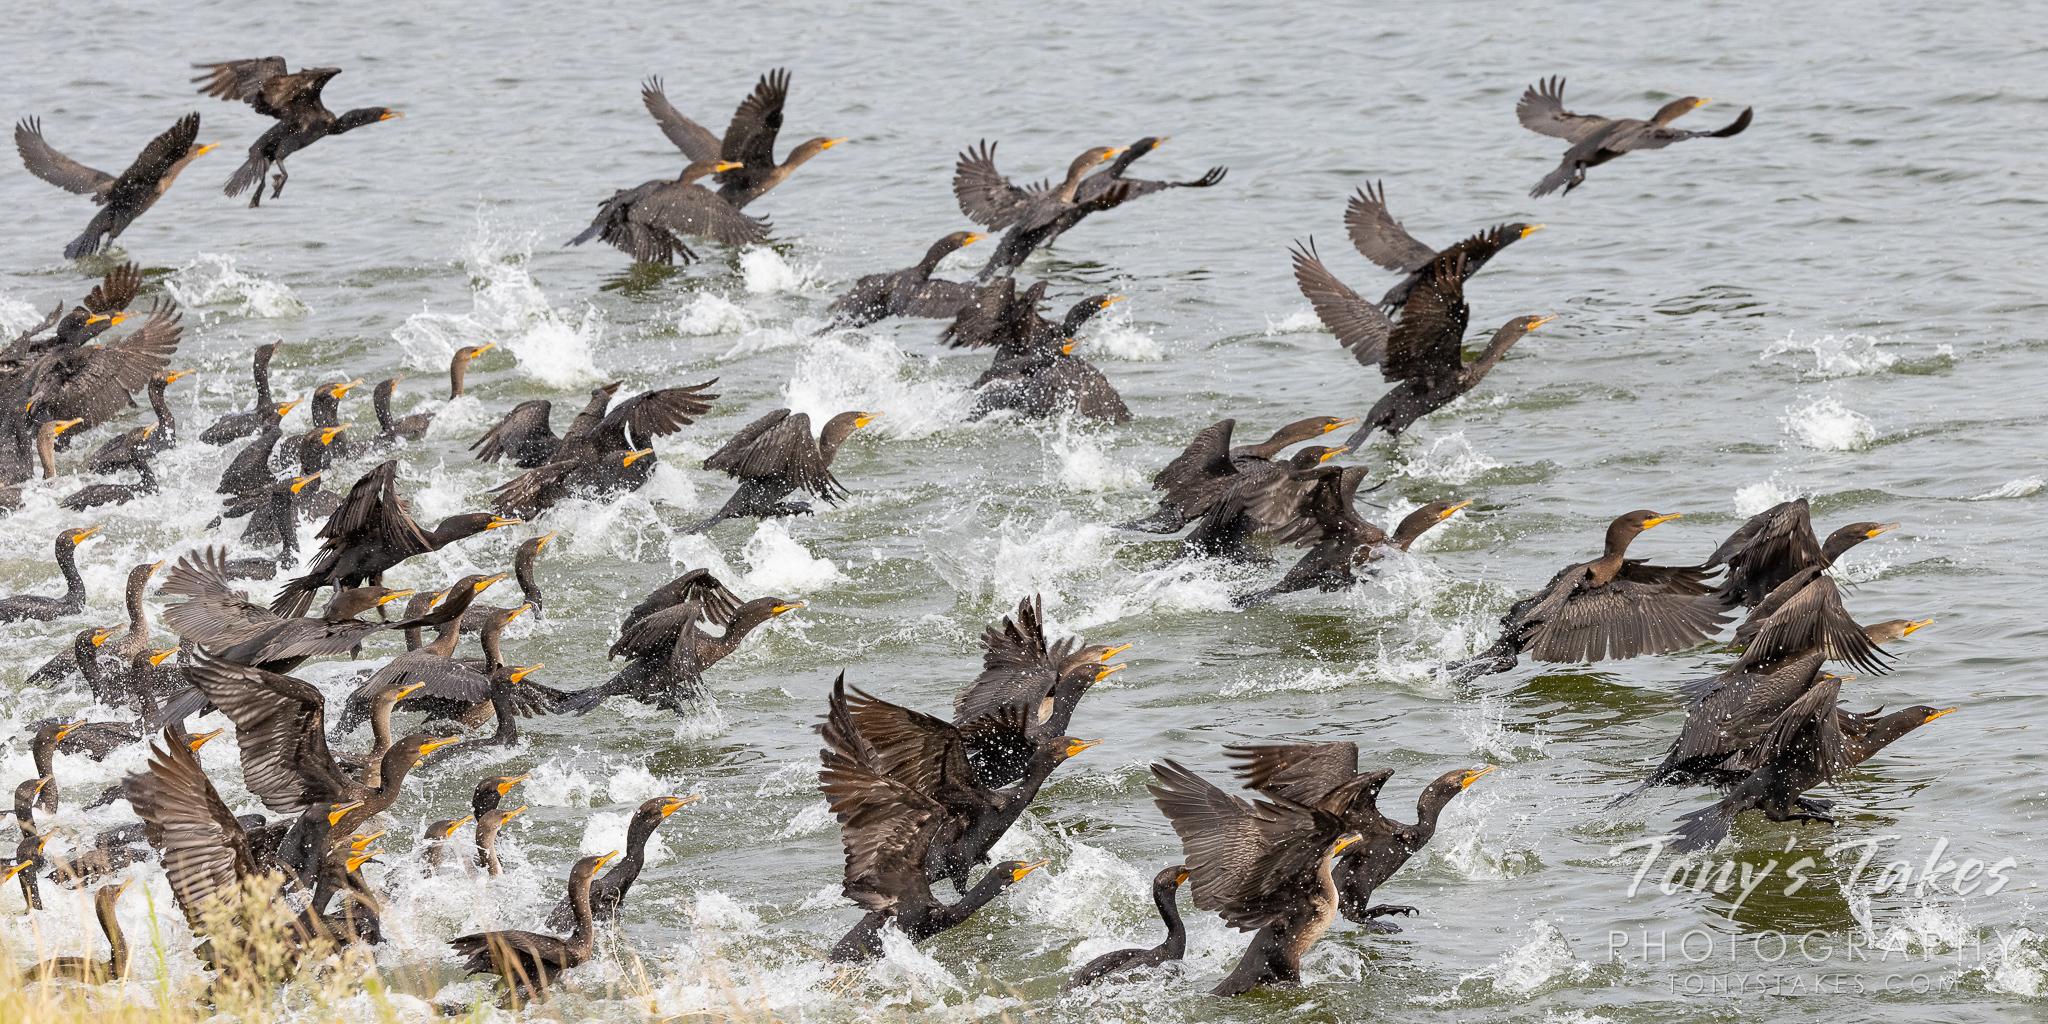 Cormorant calamity